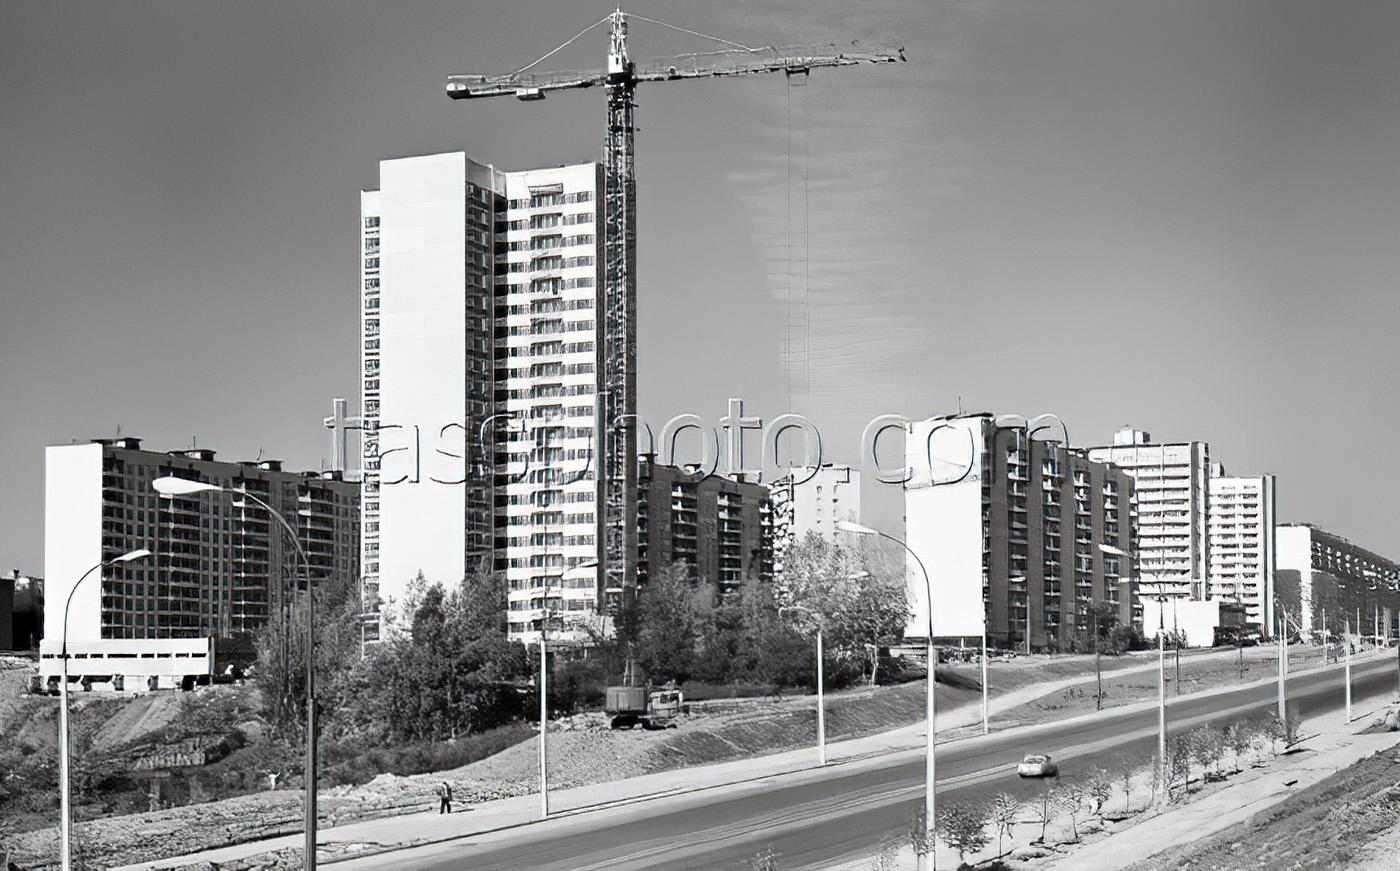 1979 г. Мичуринский проспект - трасса, которая свяжет Олимпийскую деревню с Ленинскими горами. Егоров Василий, Стужин Алексей